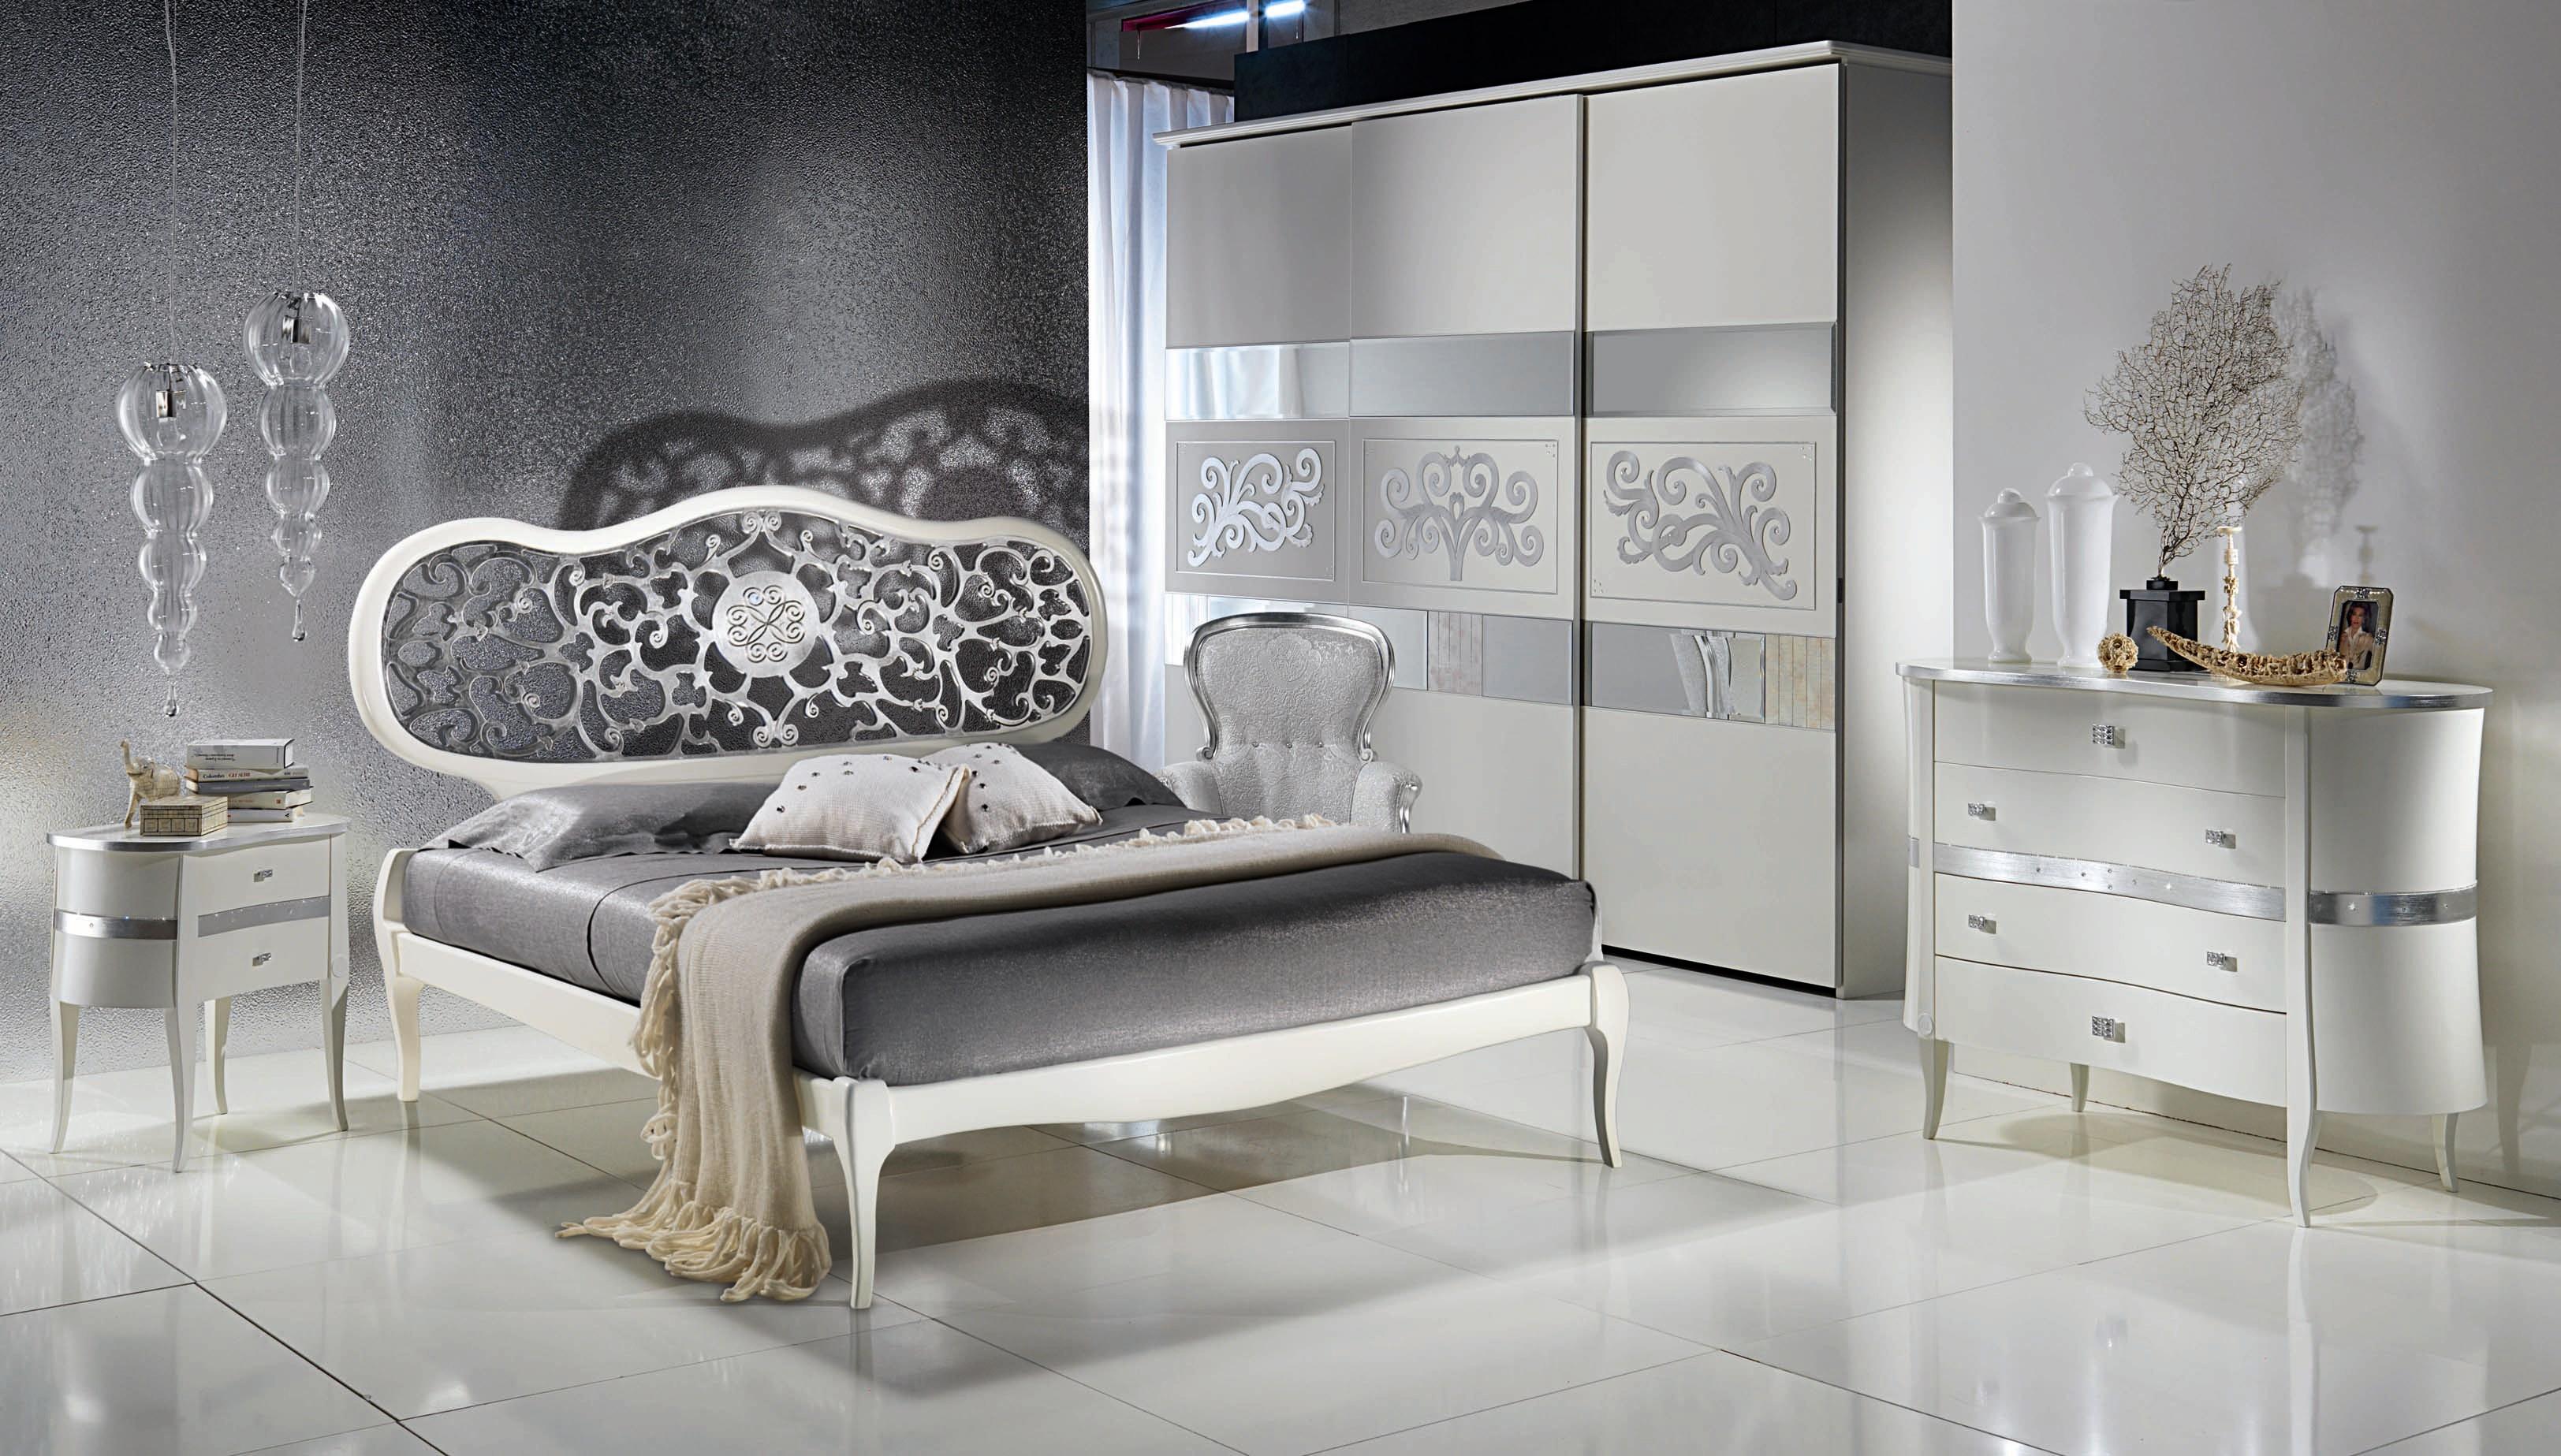 Le09 noveccento le09 noveccento abonomobels meubles de luxe meubles luxembourg - Carpanelli mobili ...